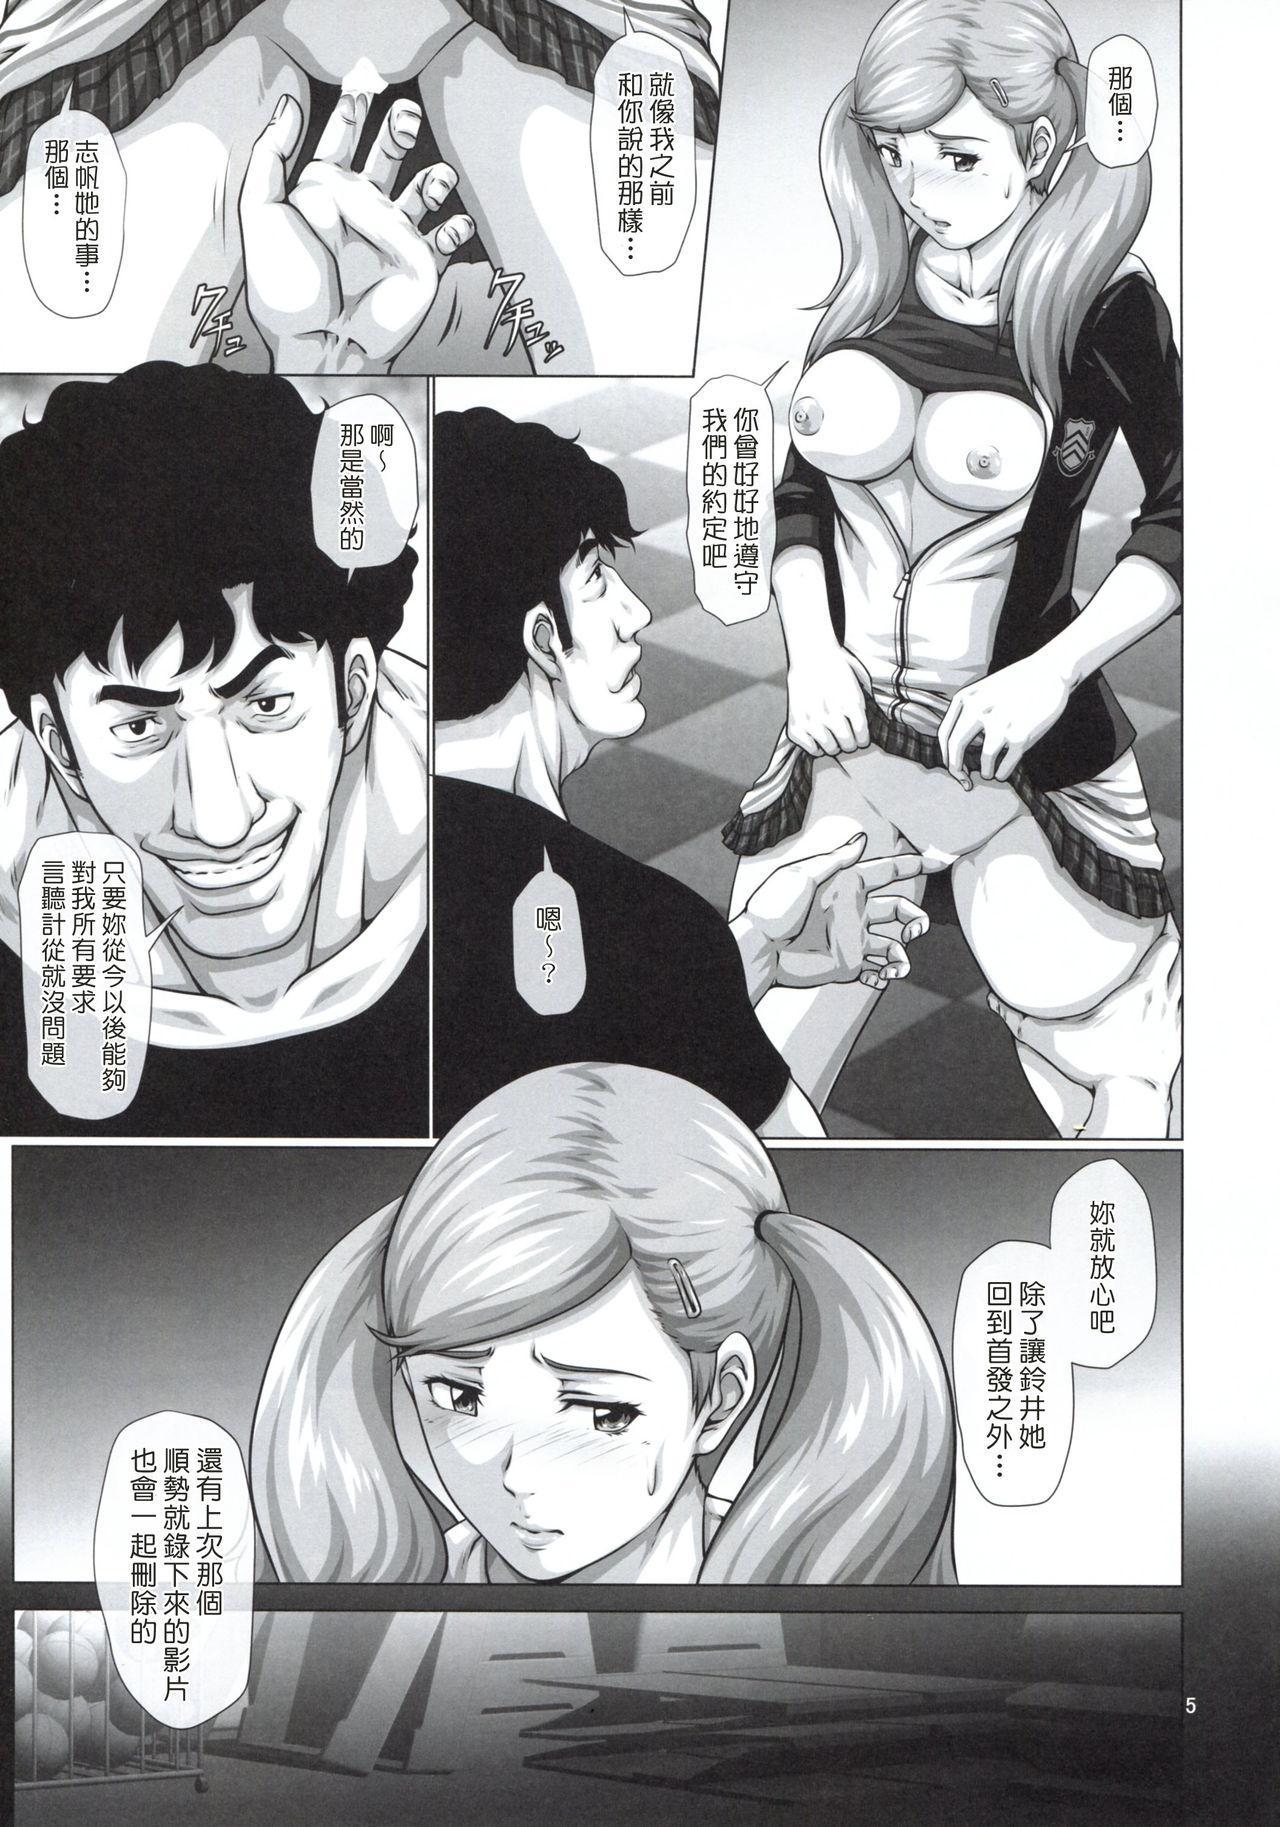 Shinyuu no Migawari ni Hentai Kyoushi ni Karada o Sasageru JK Anne 4